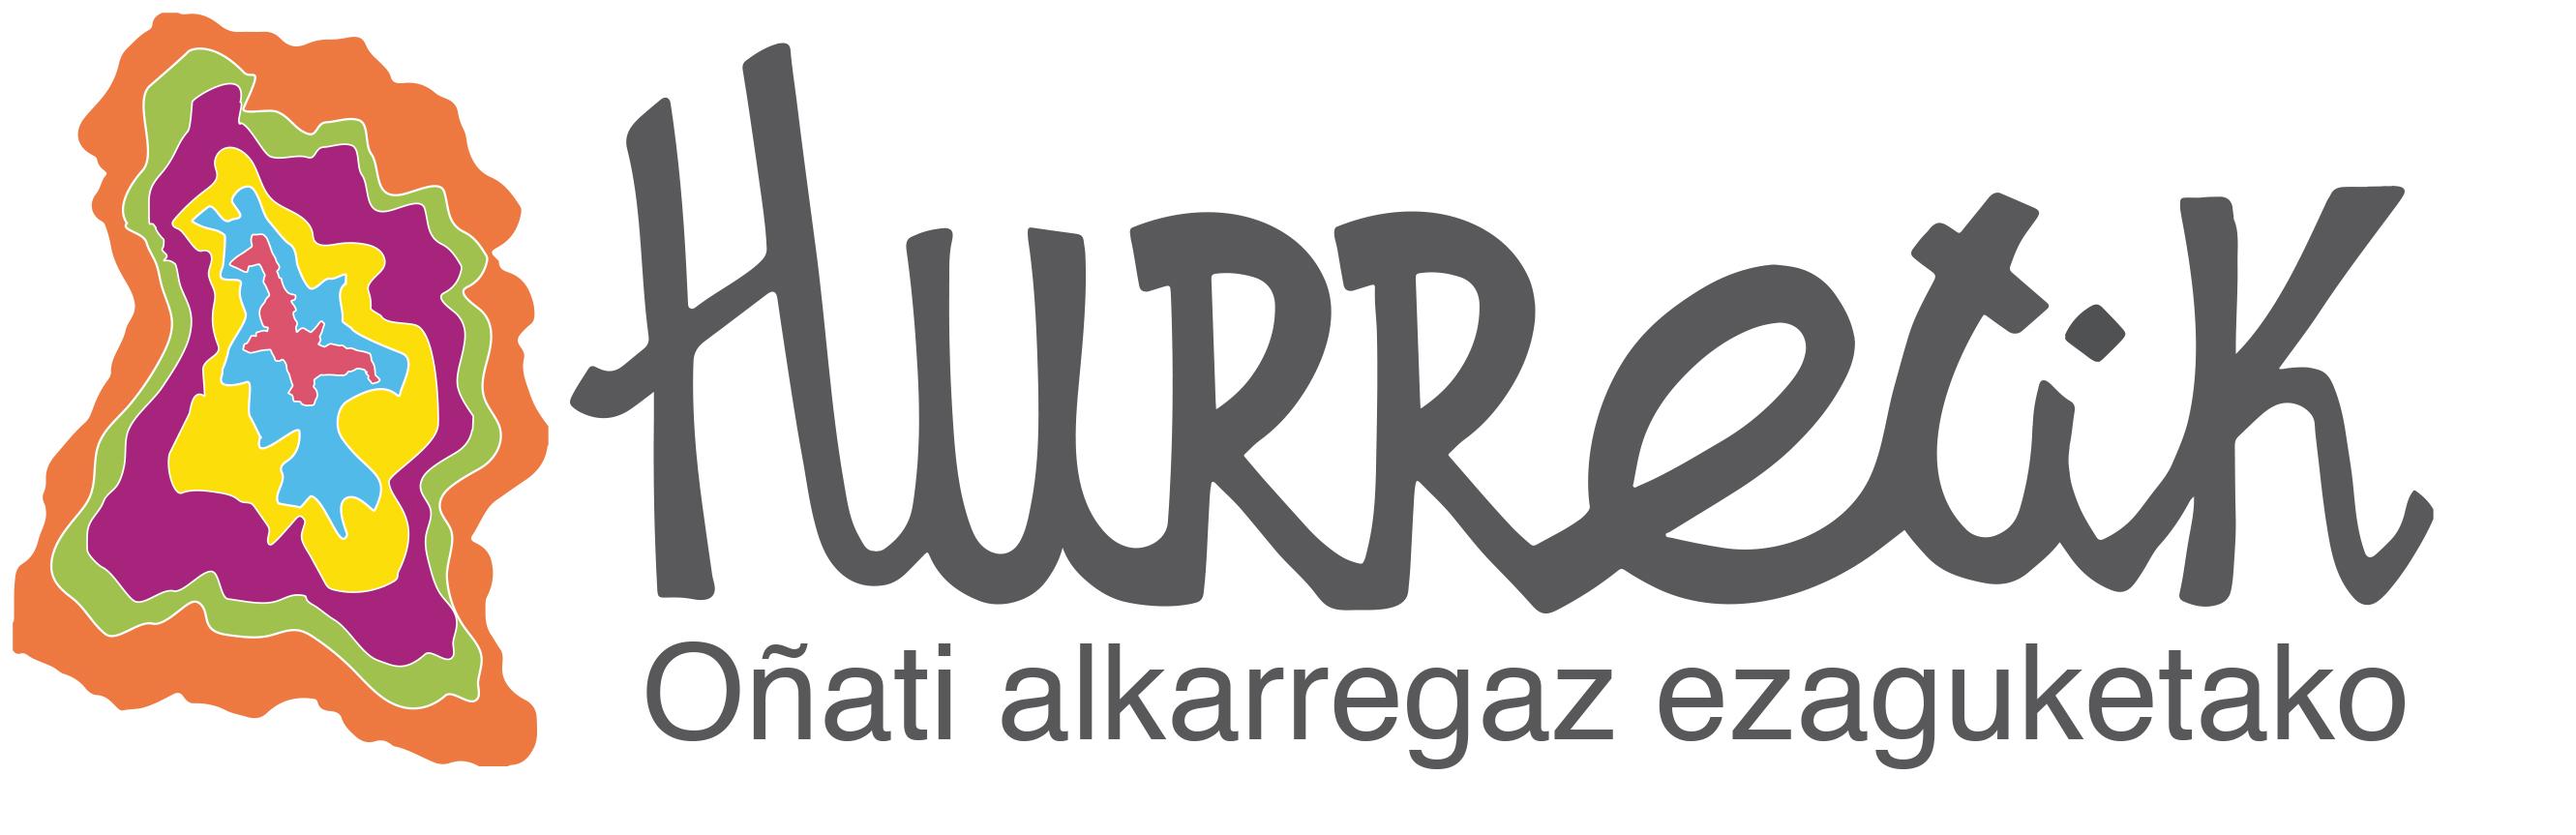 www.hurretik.eus